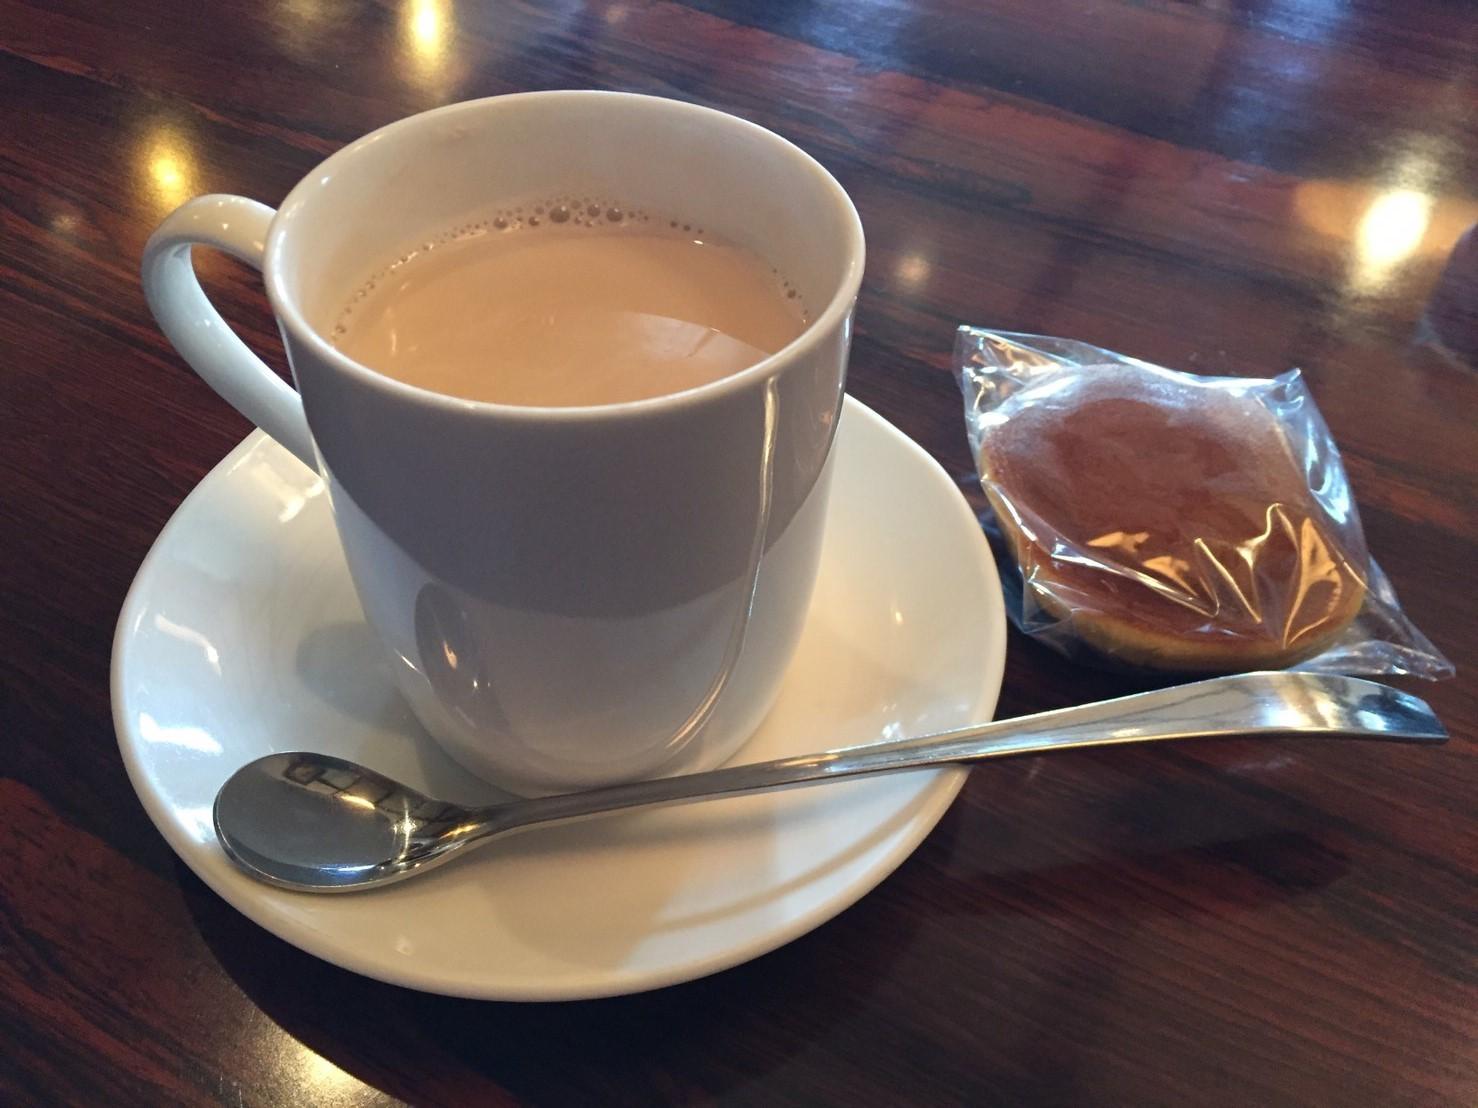 喫茶フォルダー 9_e0115904_19150447.jpg